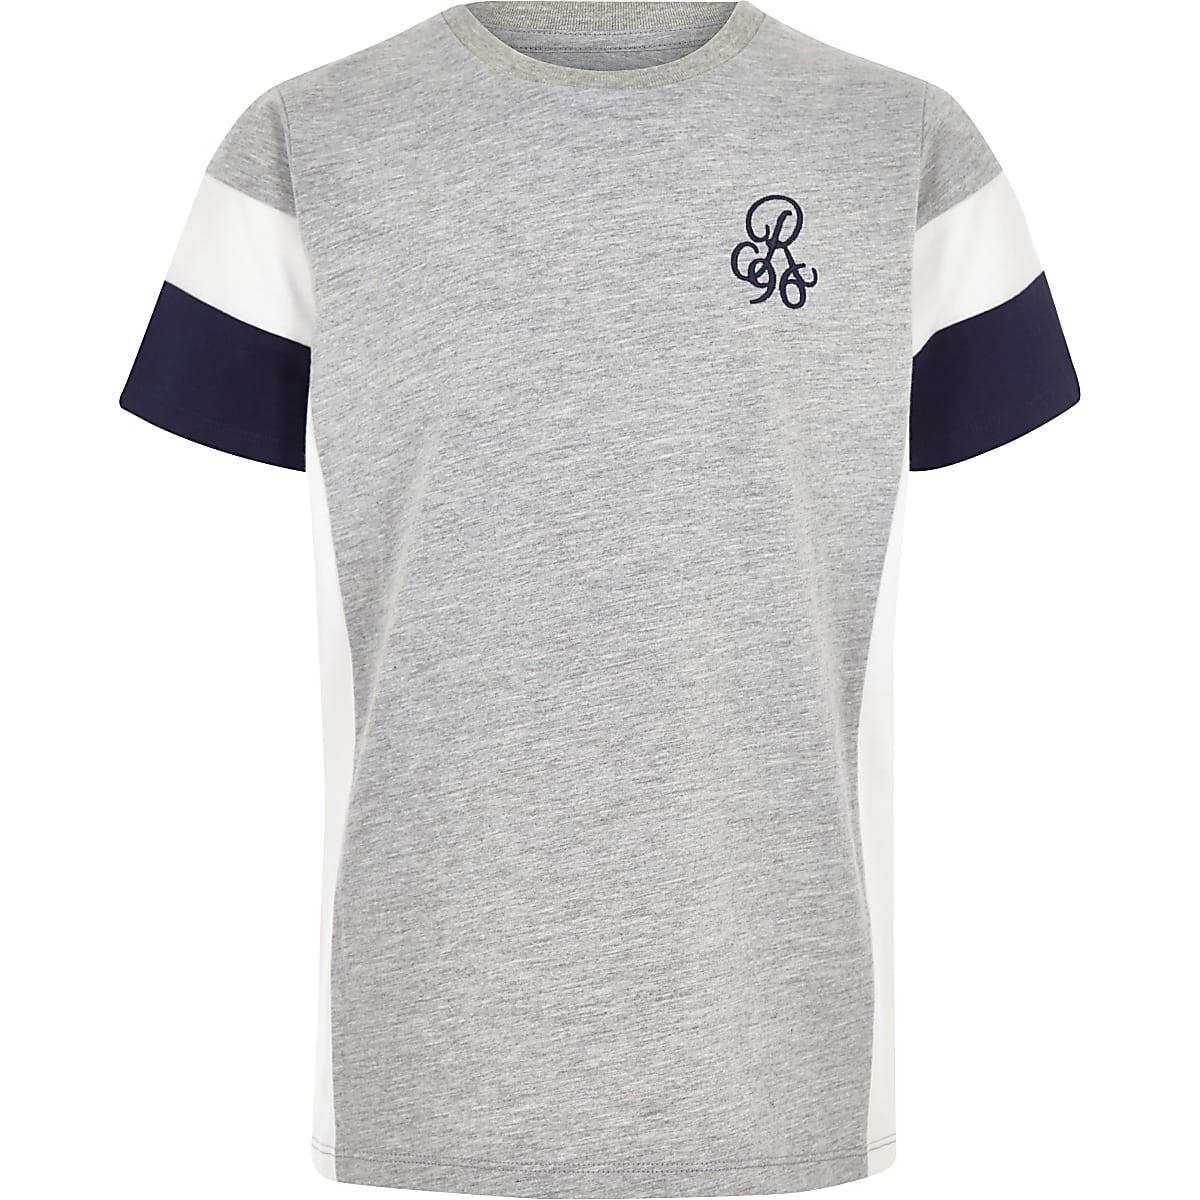 Boys grey R96 blocked T-shirt